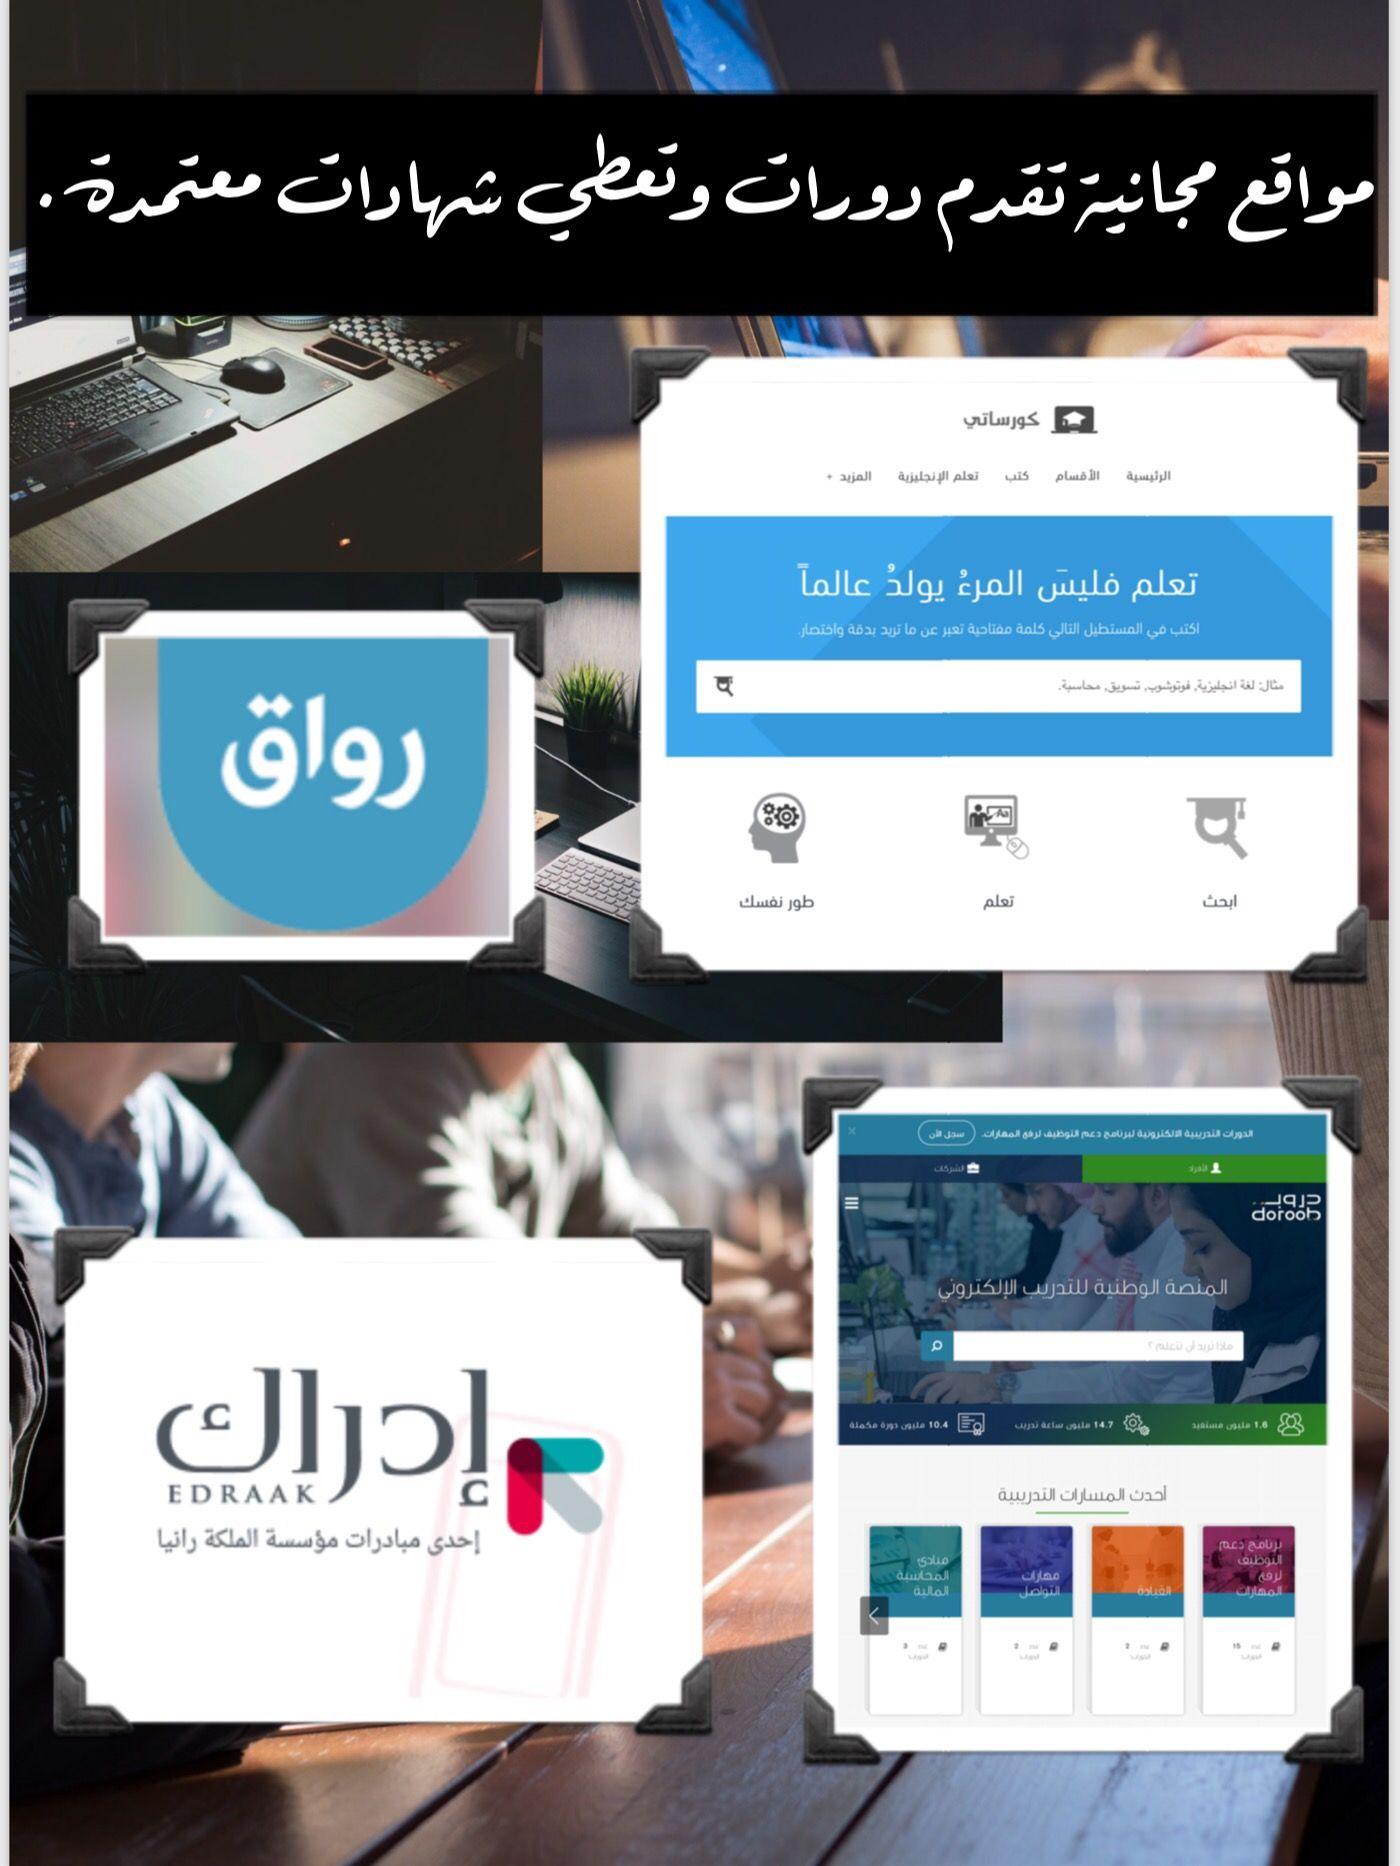 مواقع مجانية تقدم دورات وتعطي شهادات معتمدة Learning Apps Learning Websites Study Apps